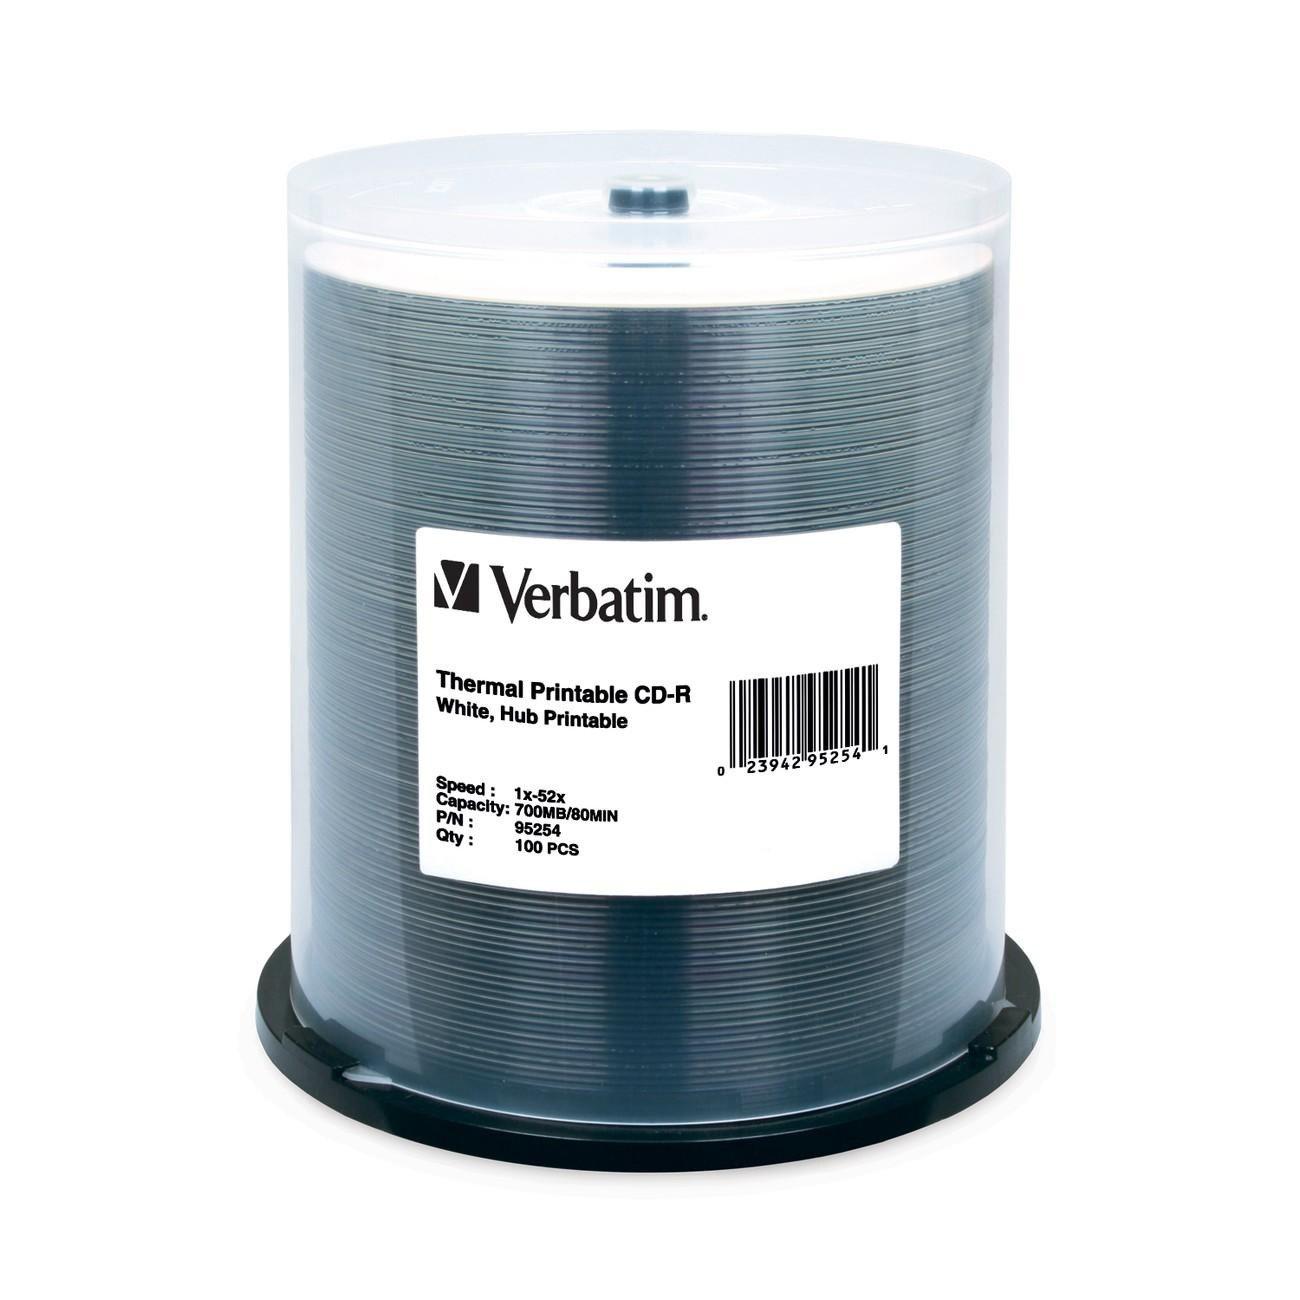 Verbatim 95254 CD Recordable Media - CD-R - 52x - 700 MB - 100 Pack Spindle